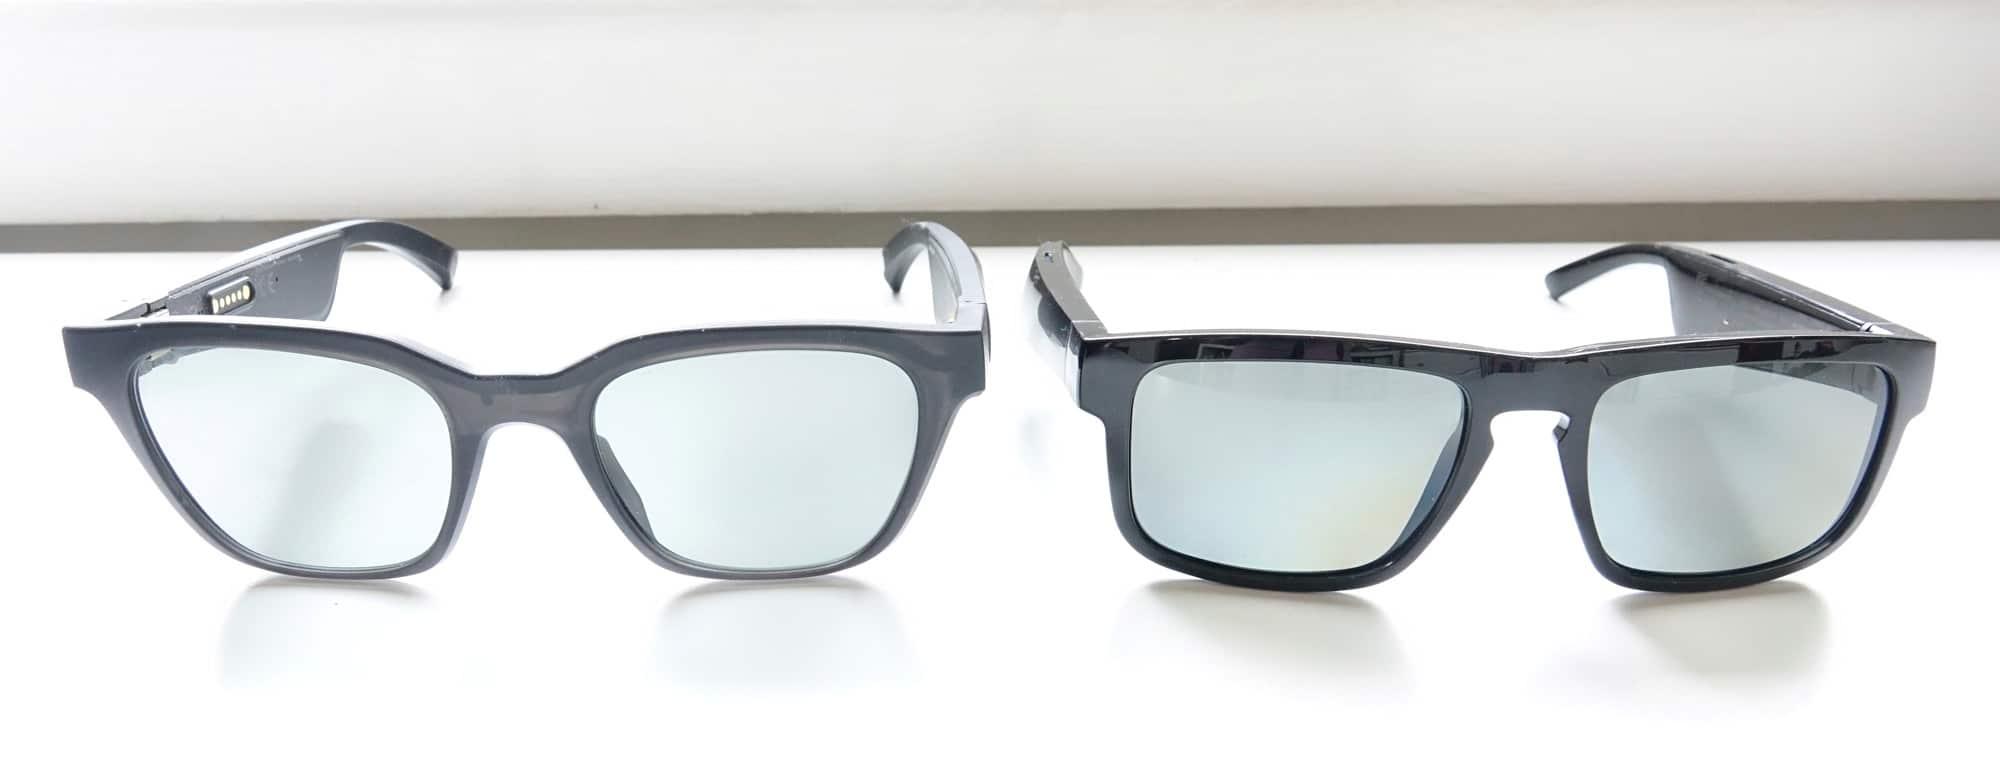 Bose Frames Alto (2019) vs Bose Frames Tenor (2020)